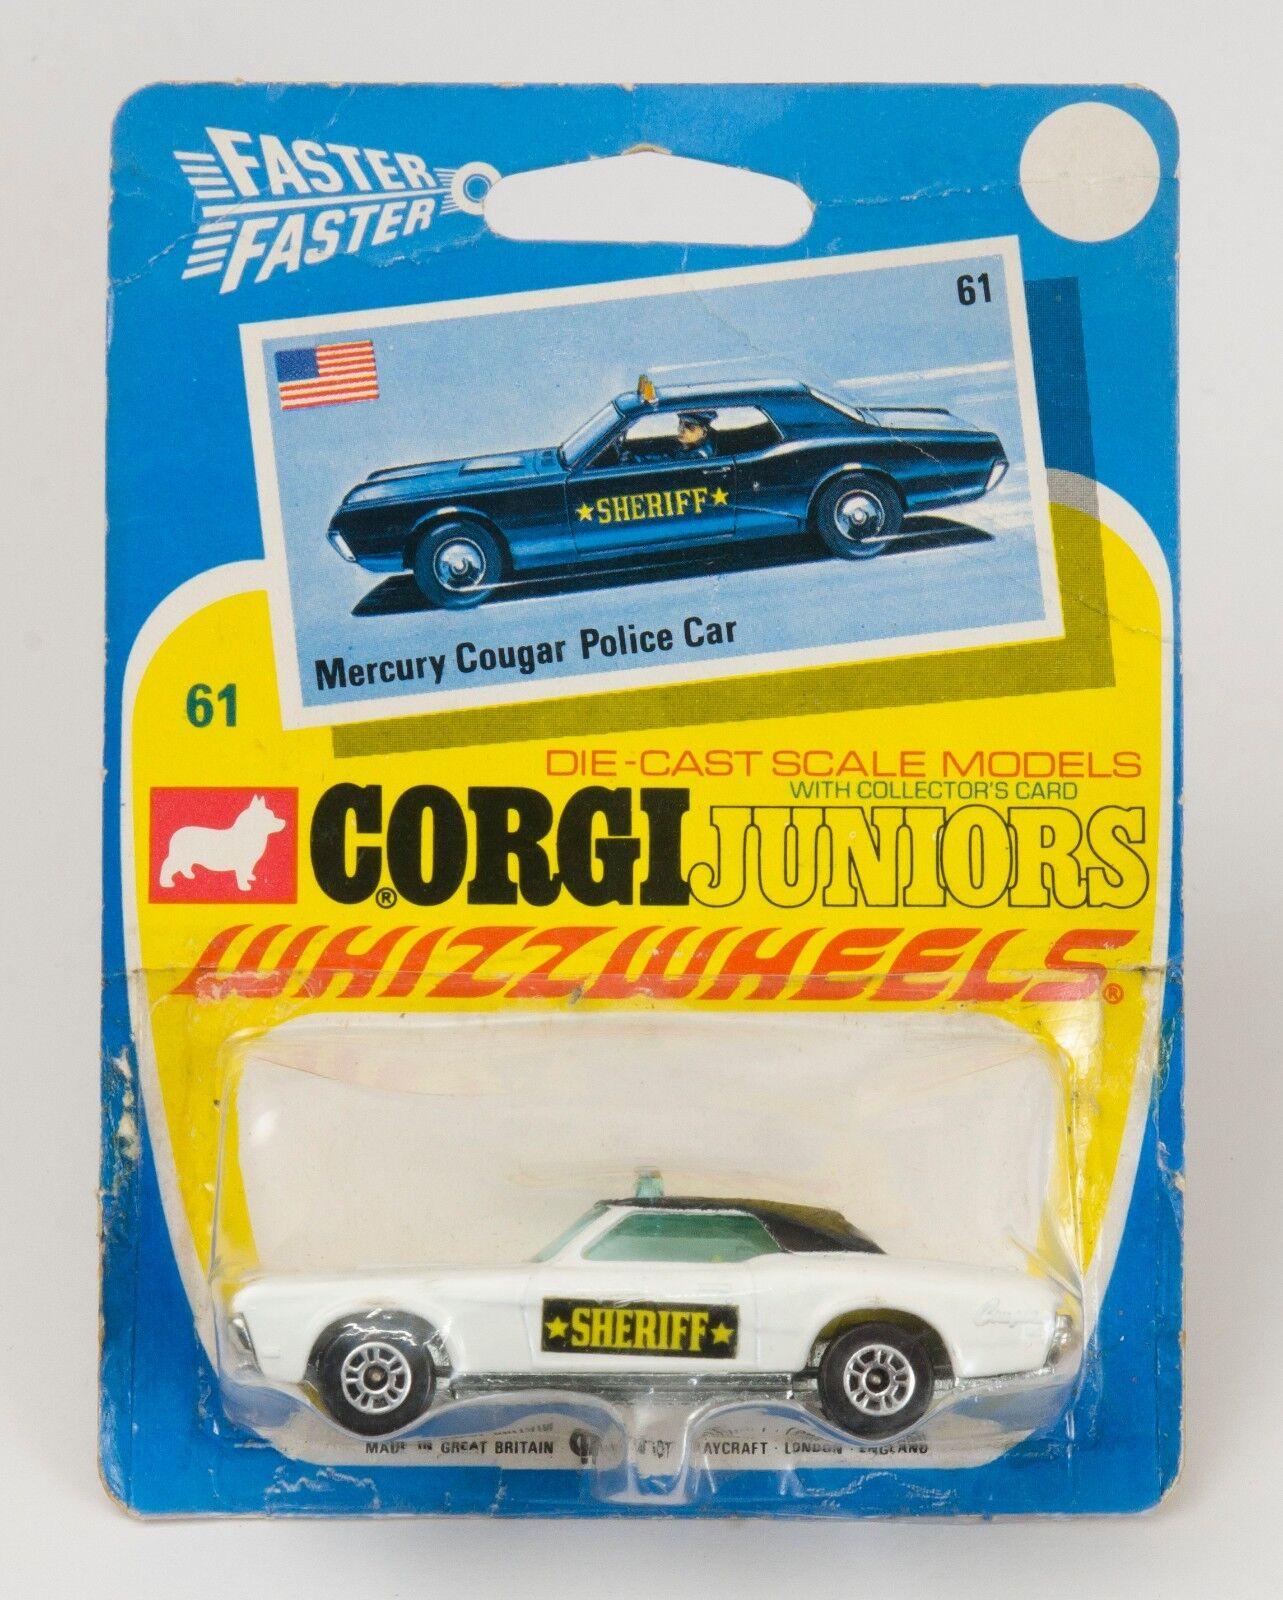 Corgi Juniors nr 61 Mercury Cougar Police bil.Vänta.1970 -talet